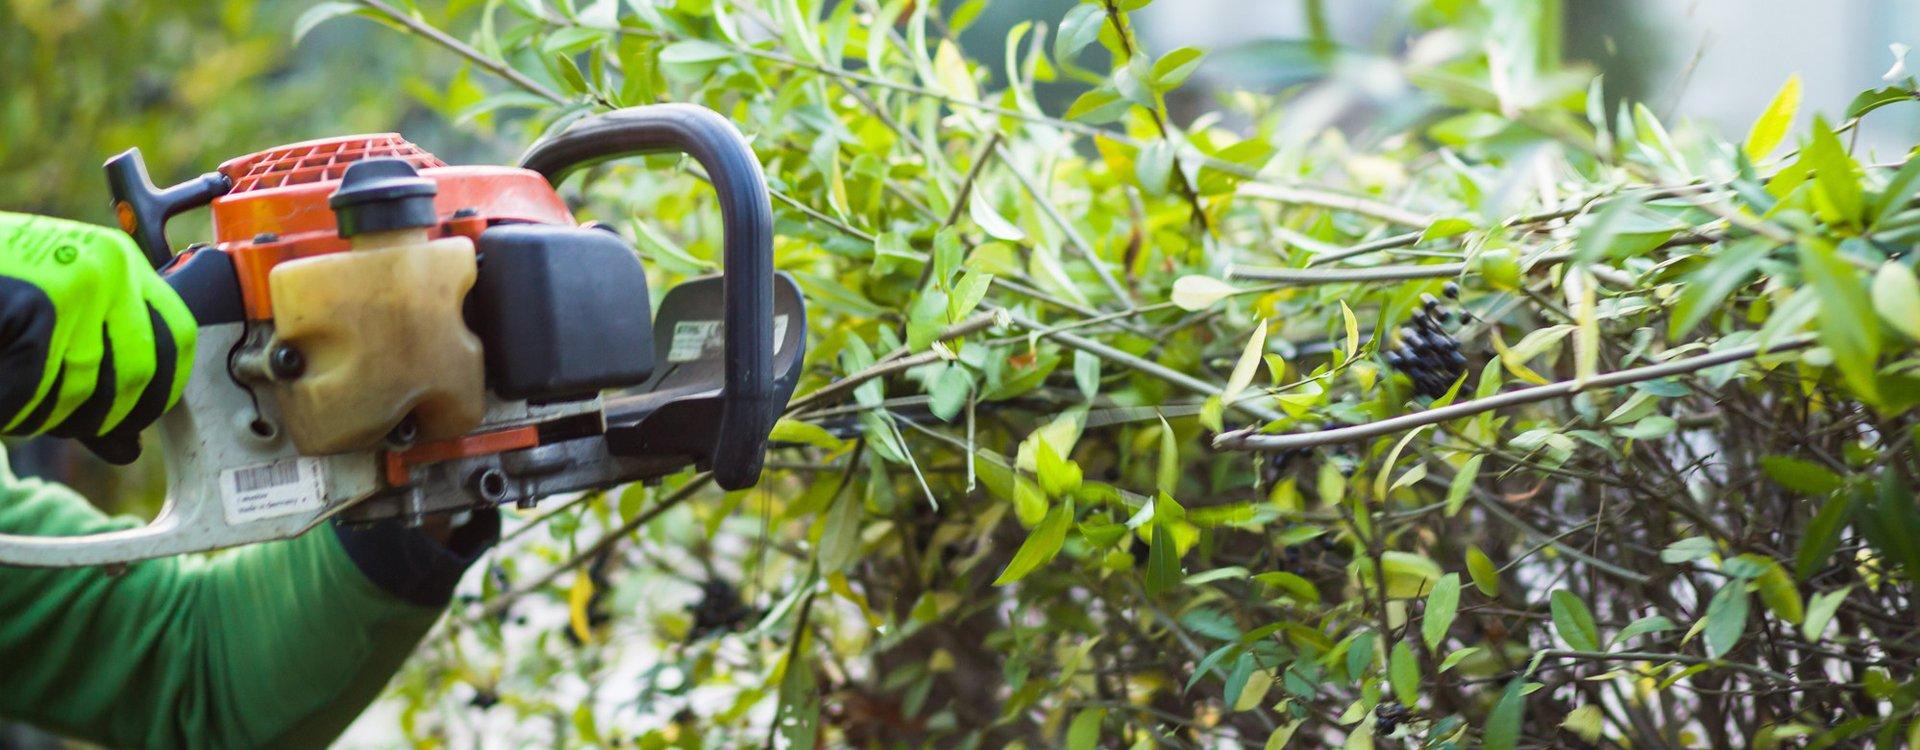 plant cutting